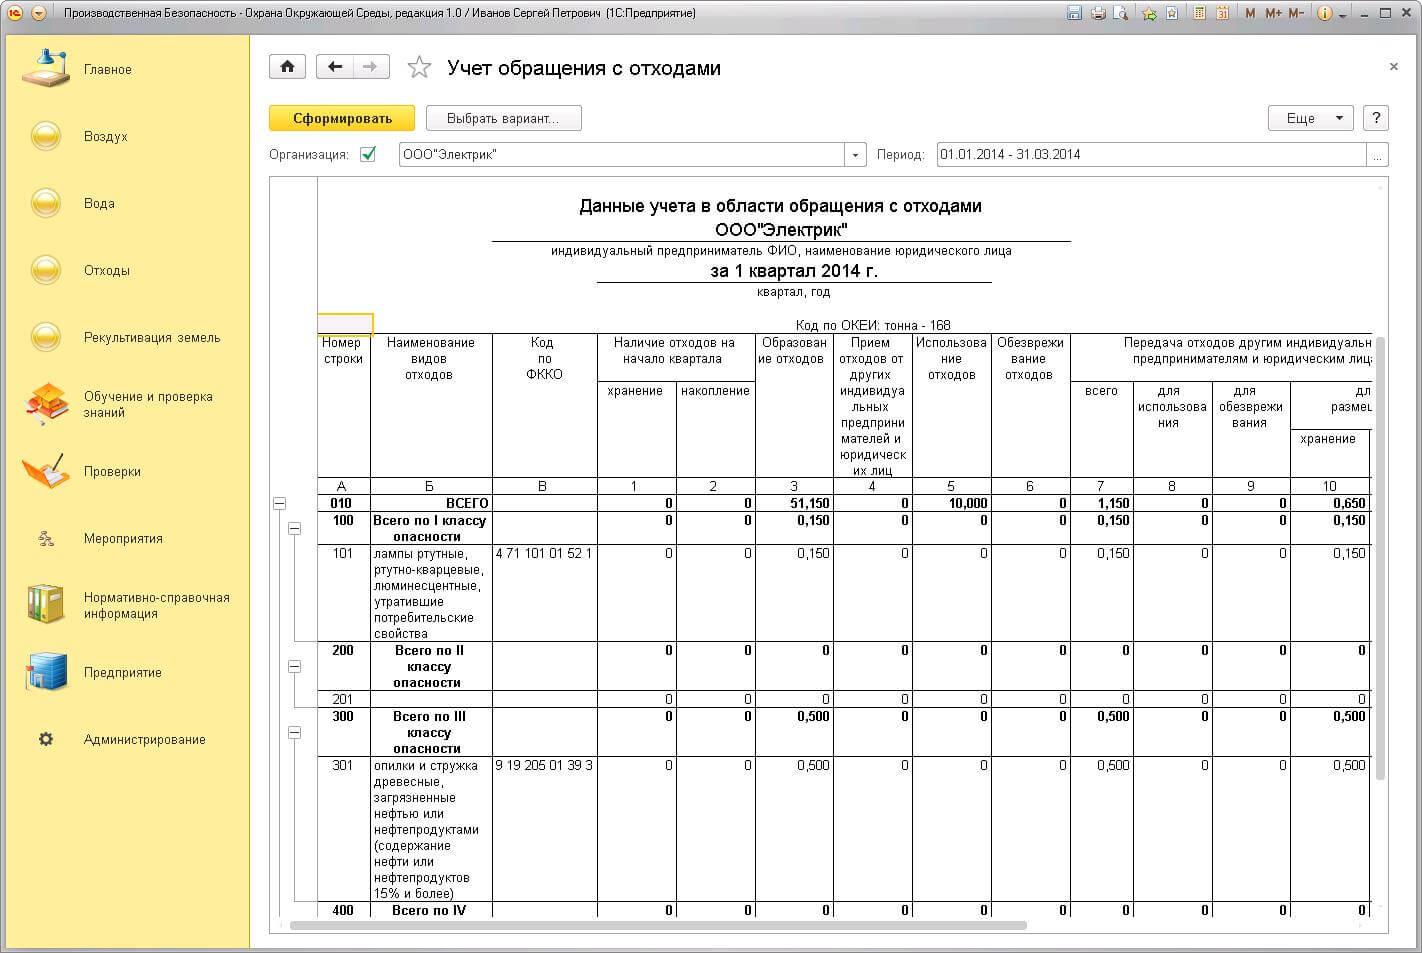 Учет обращения с отходами в 1С Производственная безопасность. Охрана окружающей среды